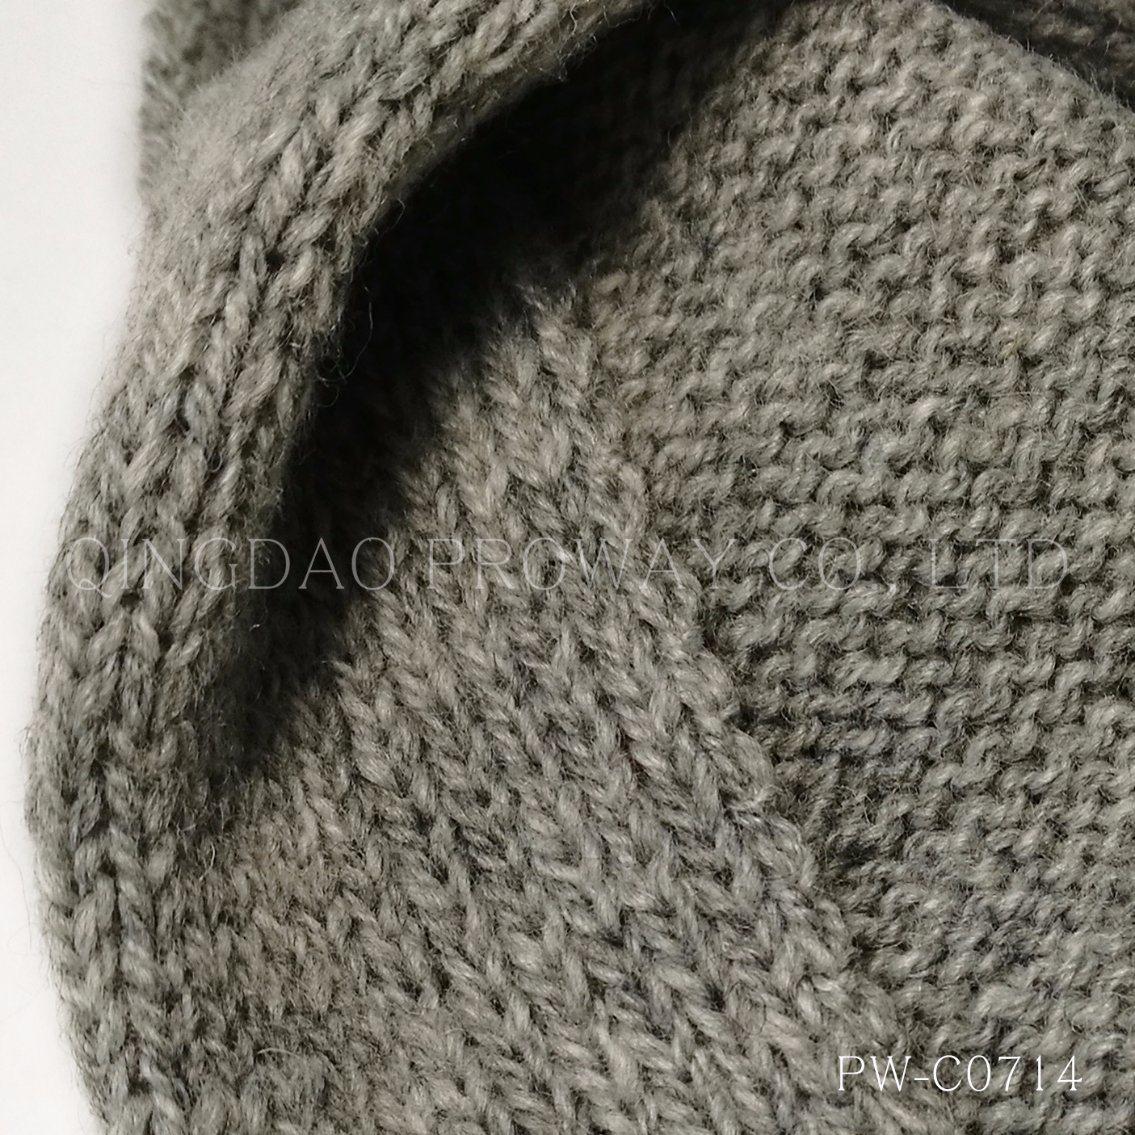 Woolen Yarn for 5 Gauge Sweaters in Acrylic/Nylon/Wool